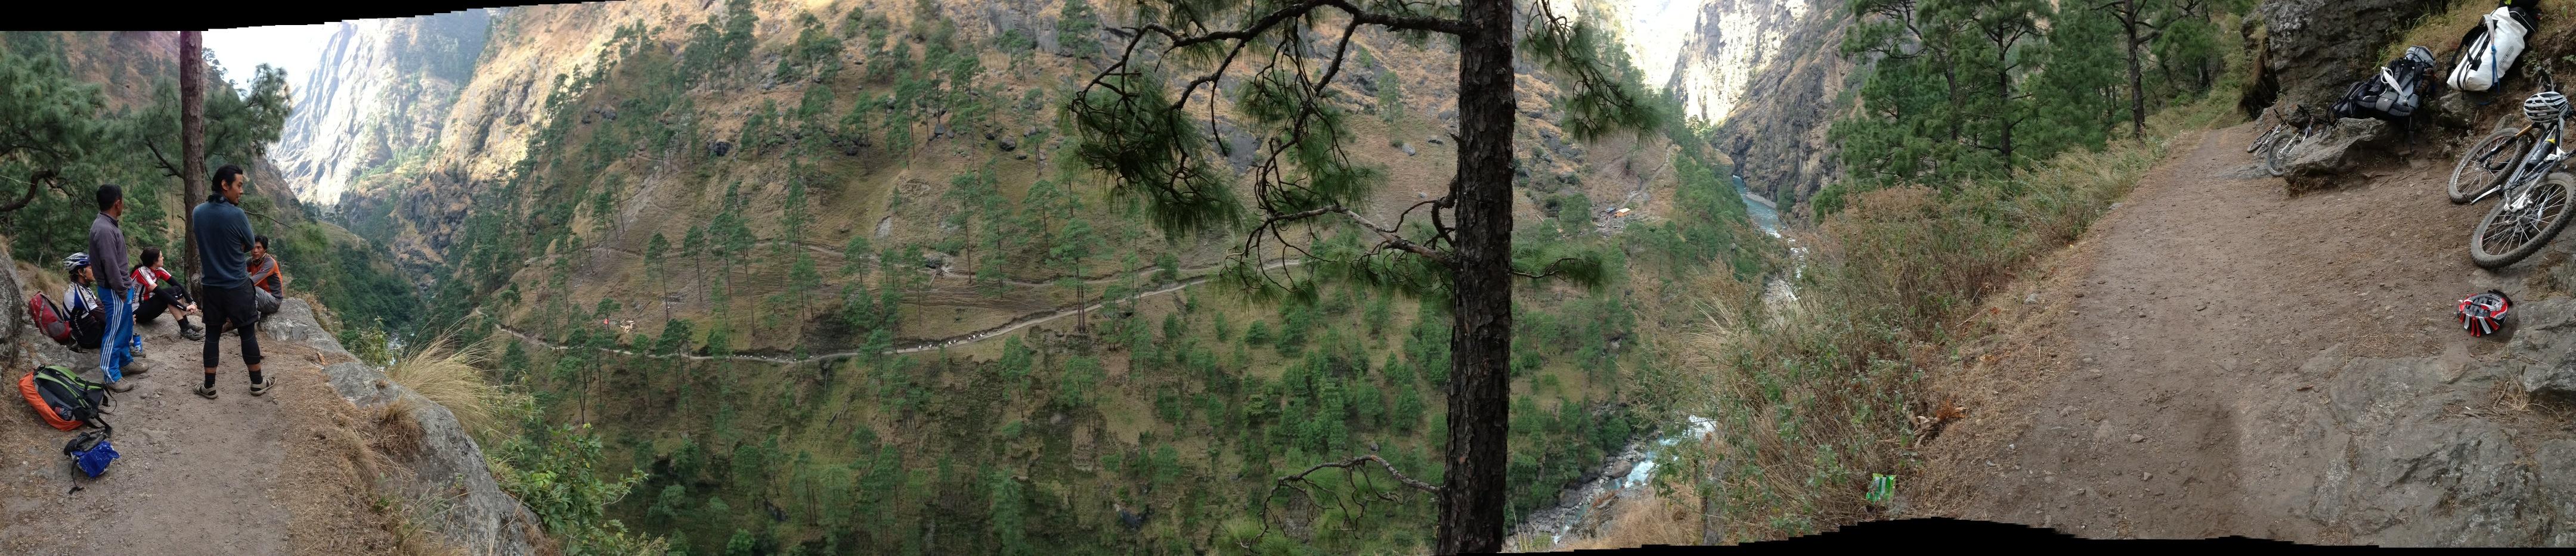 An der Verzweigung ins Tsum Valley - auf der gegenüberliegenden Talseite ist der Weg Richtung Larke La gut zu sehen